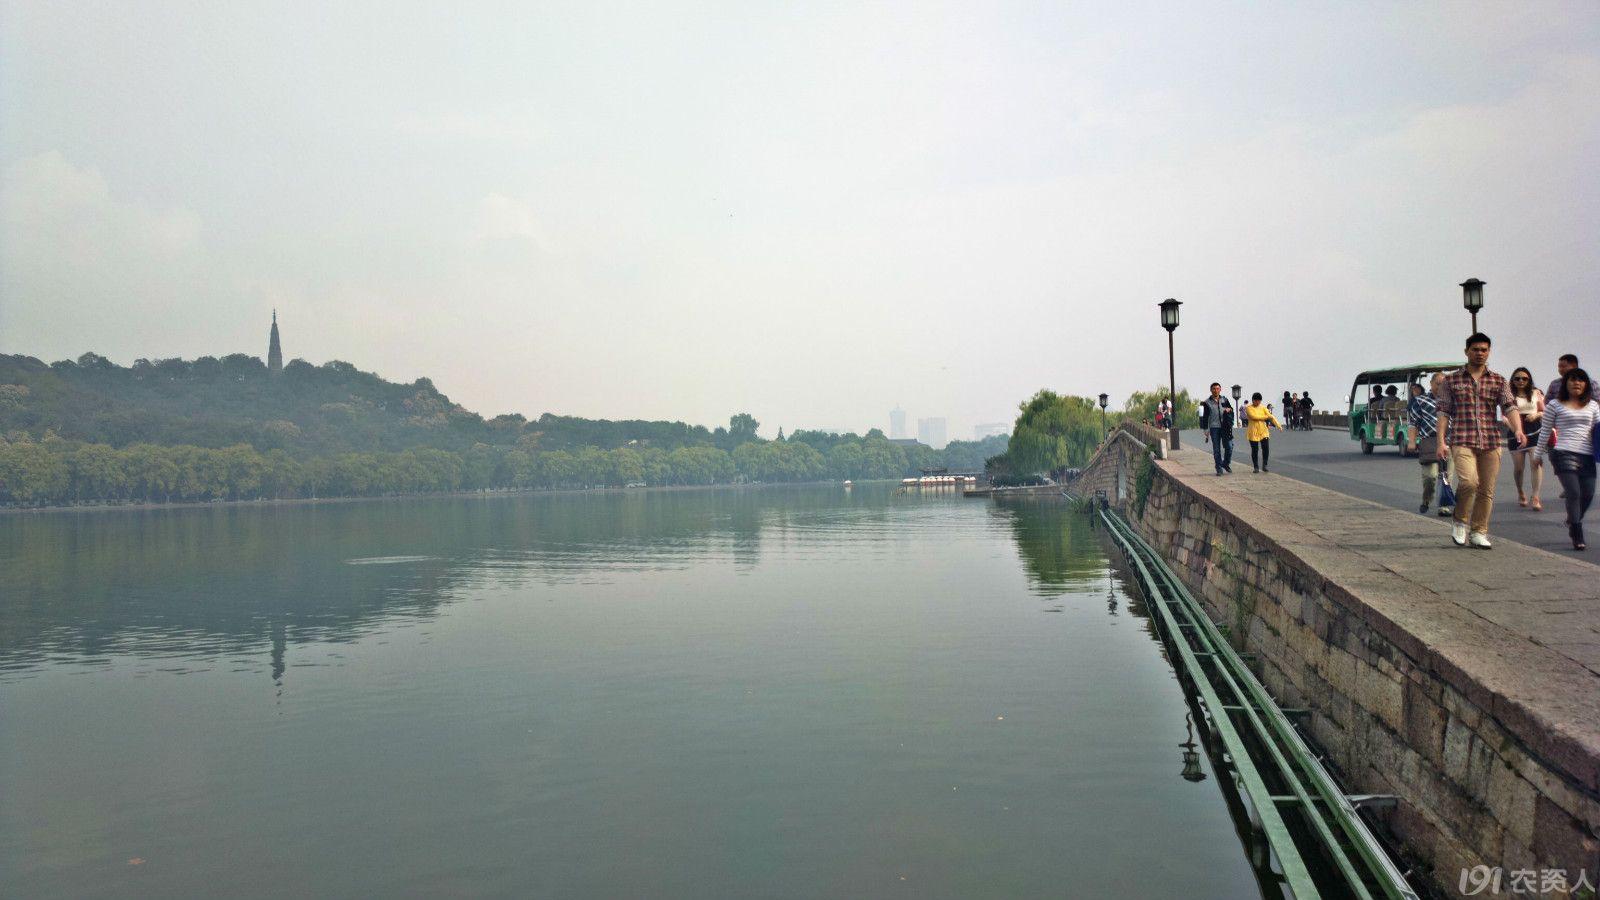 嫁衣还有cosplay潮玩秋色   杭州西湖之断桥秋景   西湖秋色高清图片